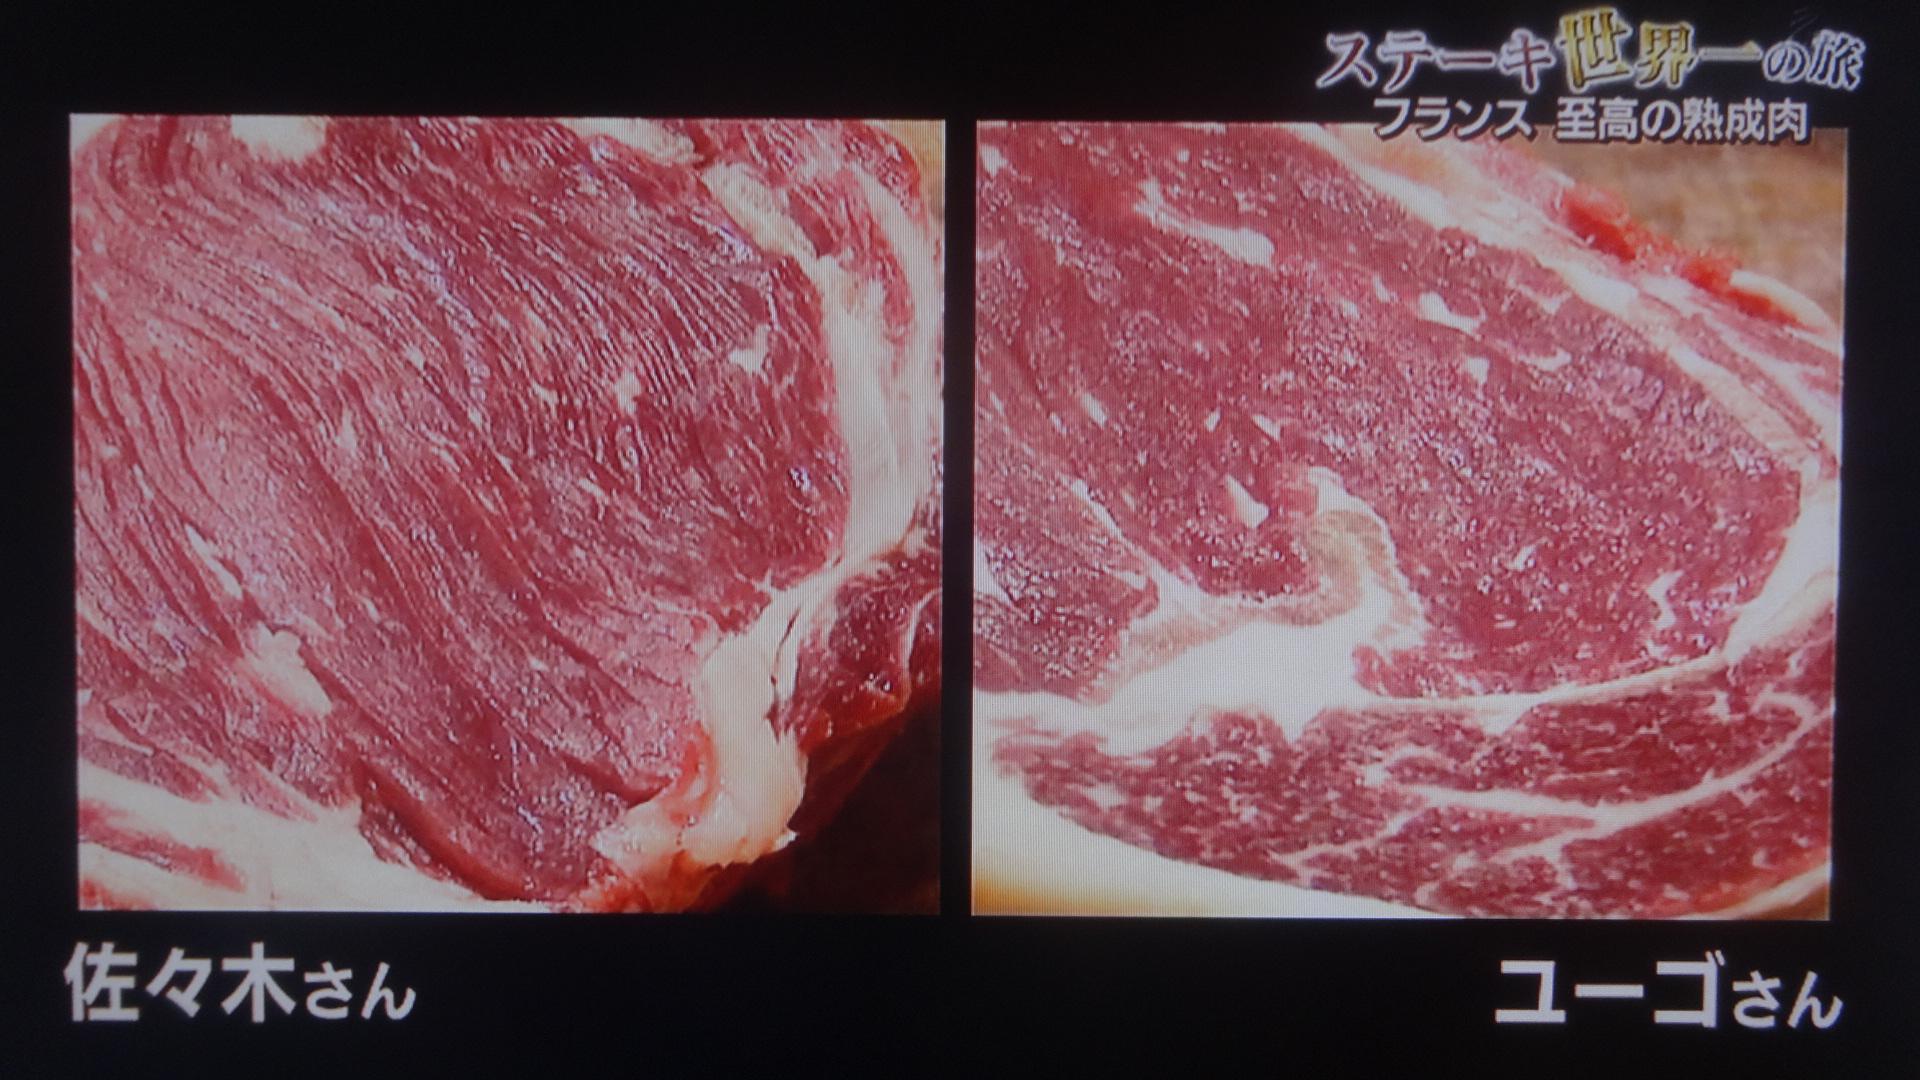 ユーゴさん 佐々木さんがカットした肉の断面を比較した写真